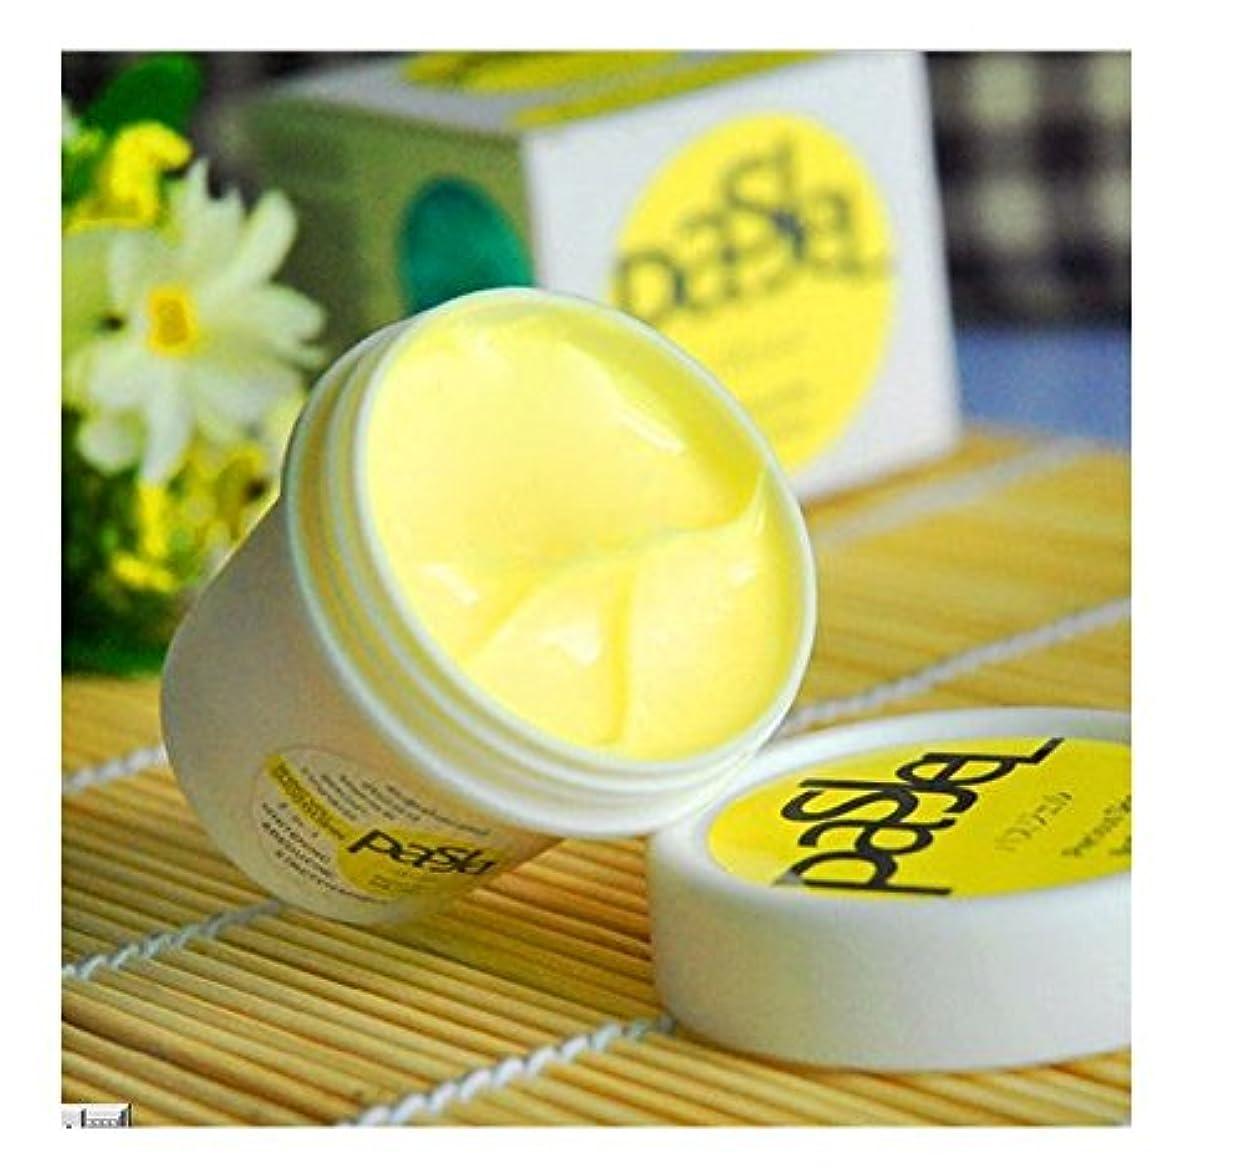 ブラウザ怒って批判的にPasjel Precious Skin Body Cream Eliminate Stretch Mark for Whitening Skin 50 Ml by Pasjel [並行輸入品]